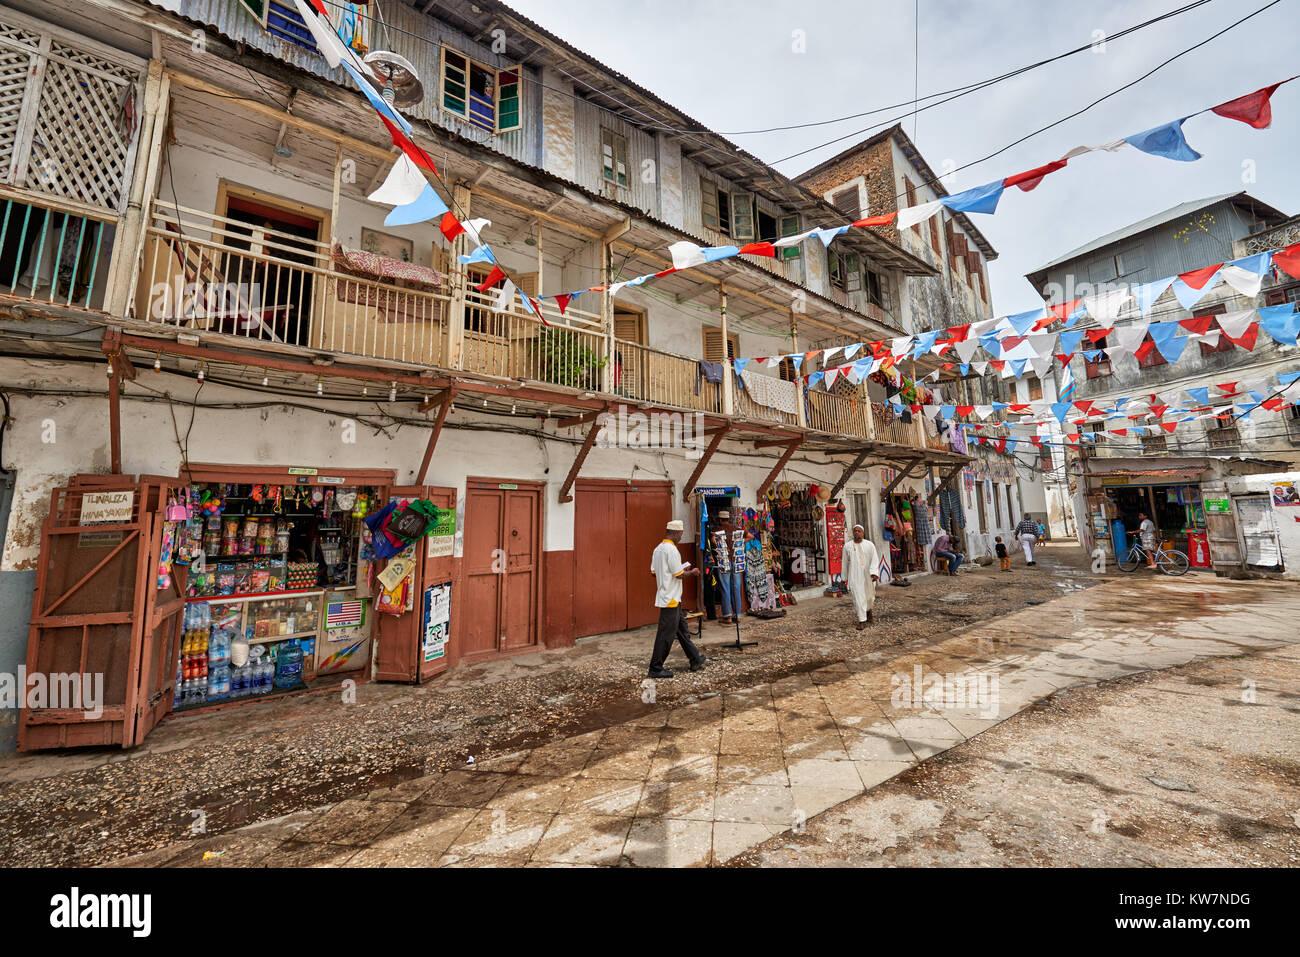 Bunte Fahnen für die Wahlen im Straßenbild mit typischen Gebäude in Stone Town, UNESCO-Weltkulturerbe, Stockbild